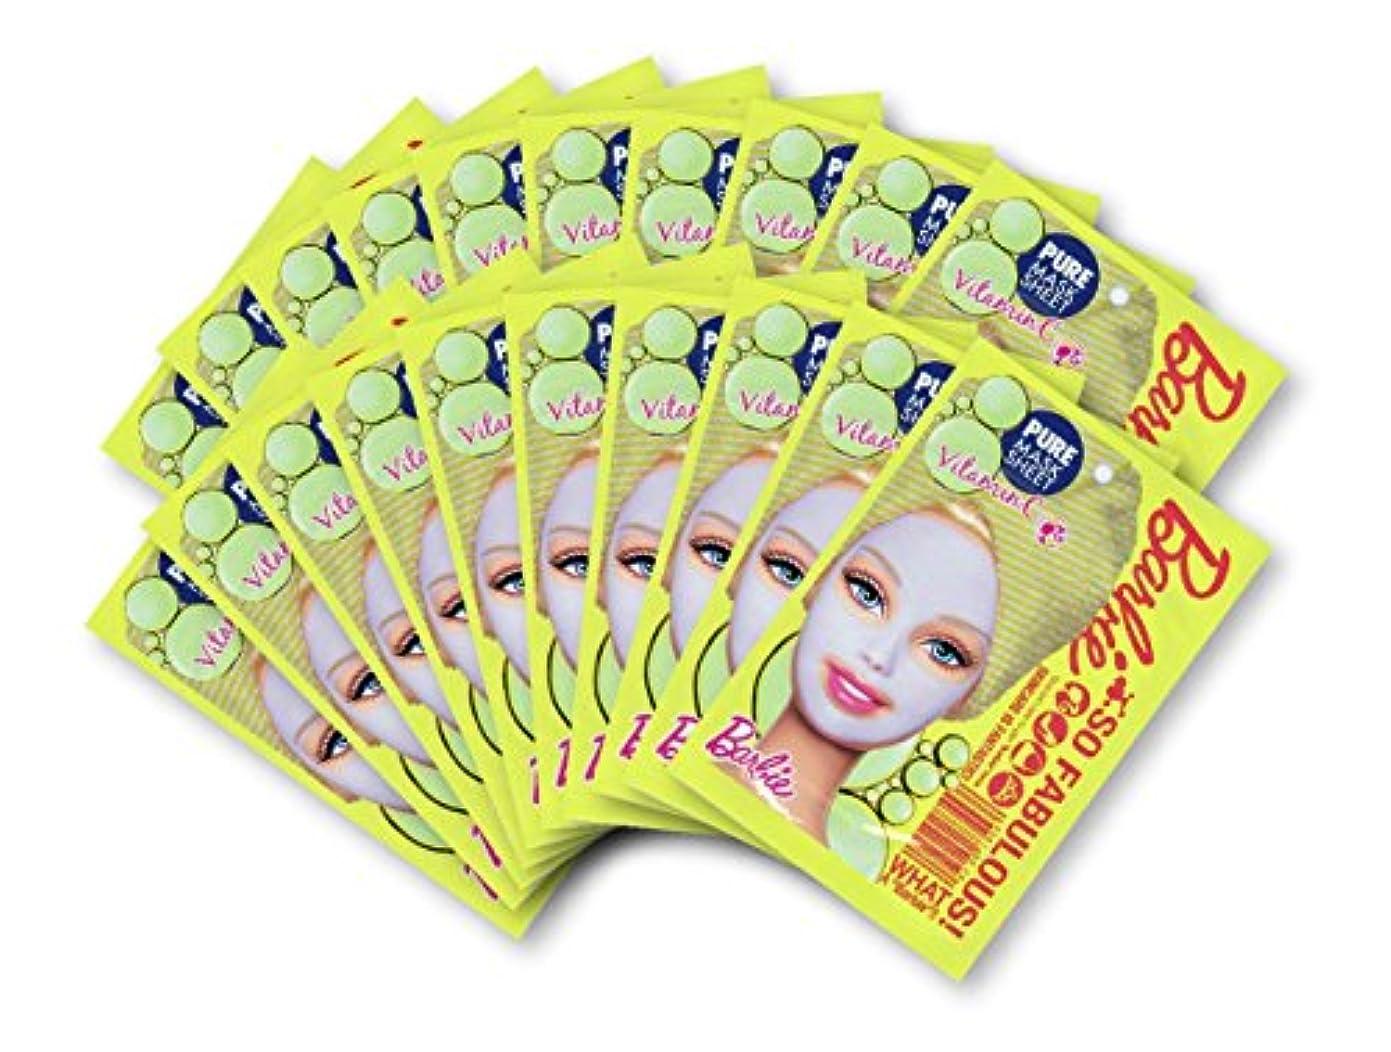 提案内訳習熟度バービー (Barbie) フェイスマスク ピュアマスクシートN (ビタミンC) 25ml×20枚入り [透明感] 顔 シートマスク フェイスパック